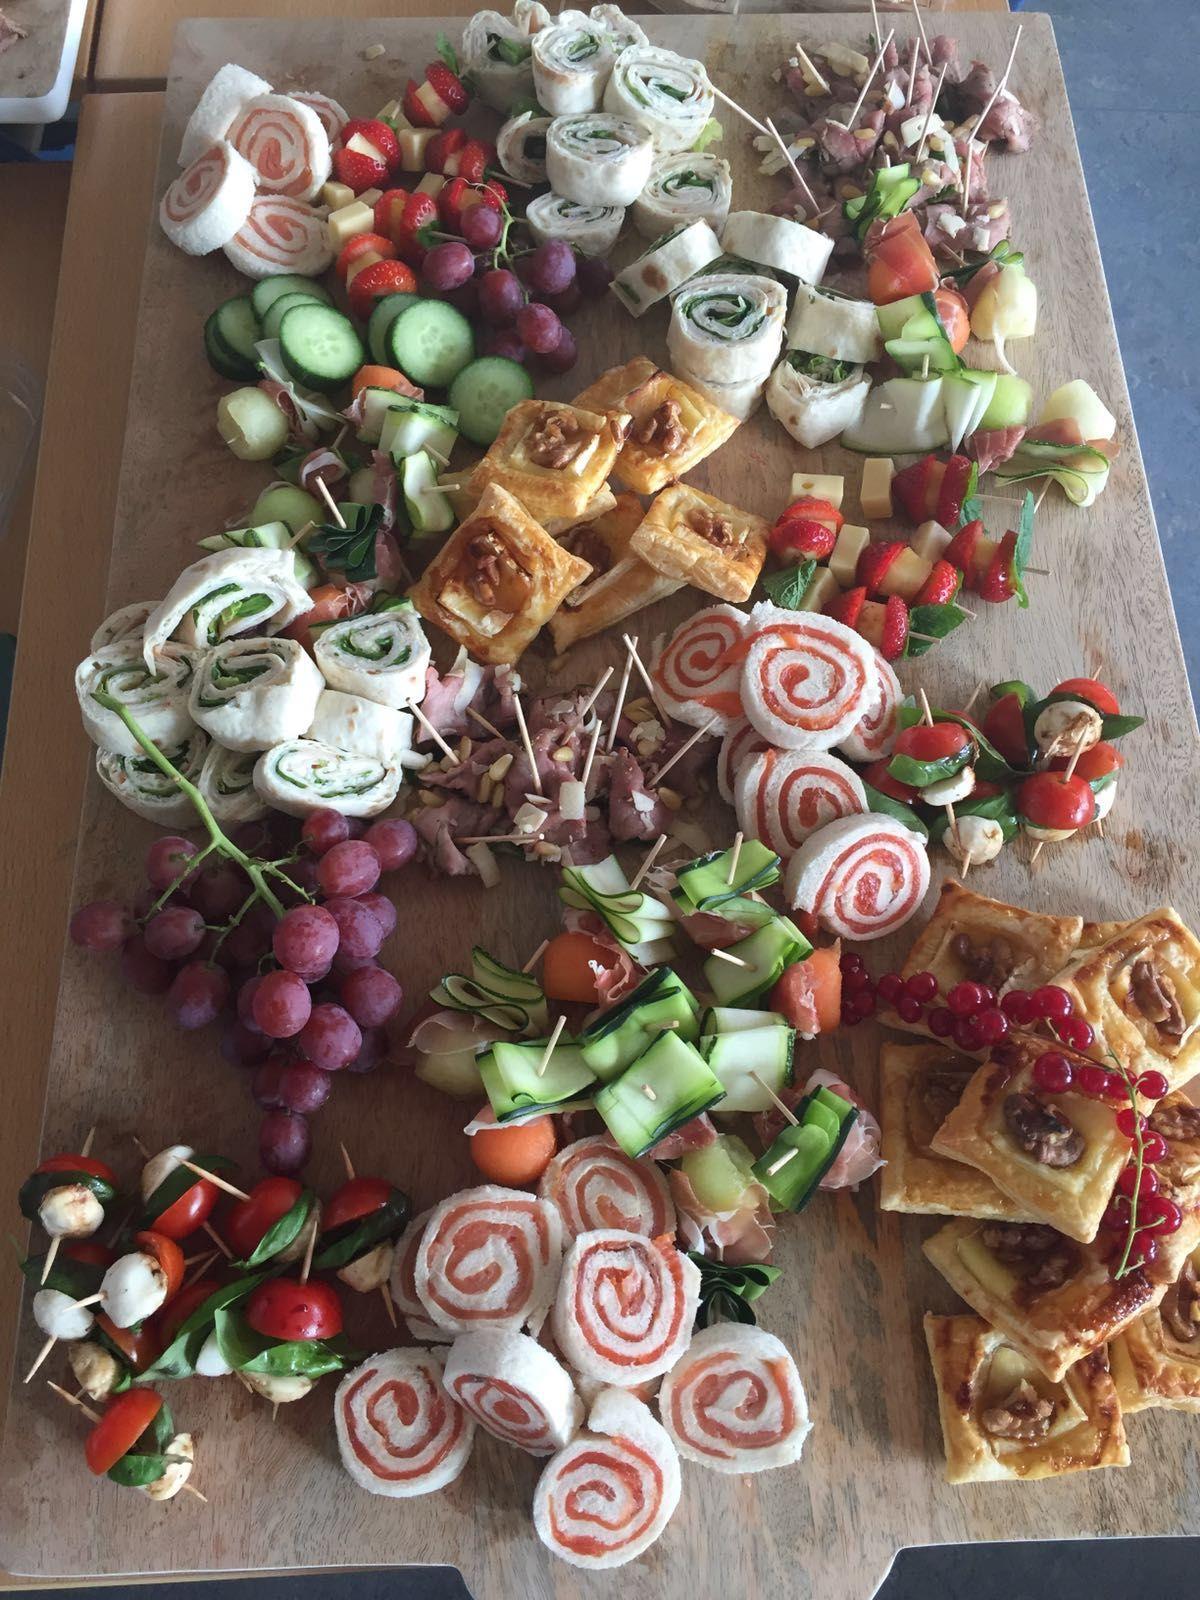 Extreem Plank vol lekkere hapjes | Food creation in 2019 - Food platters @NR74